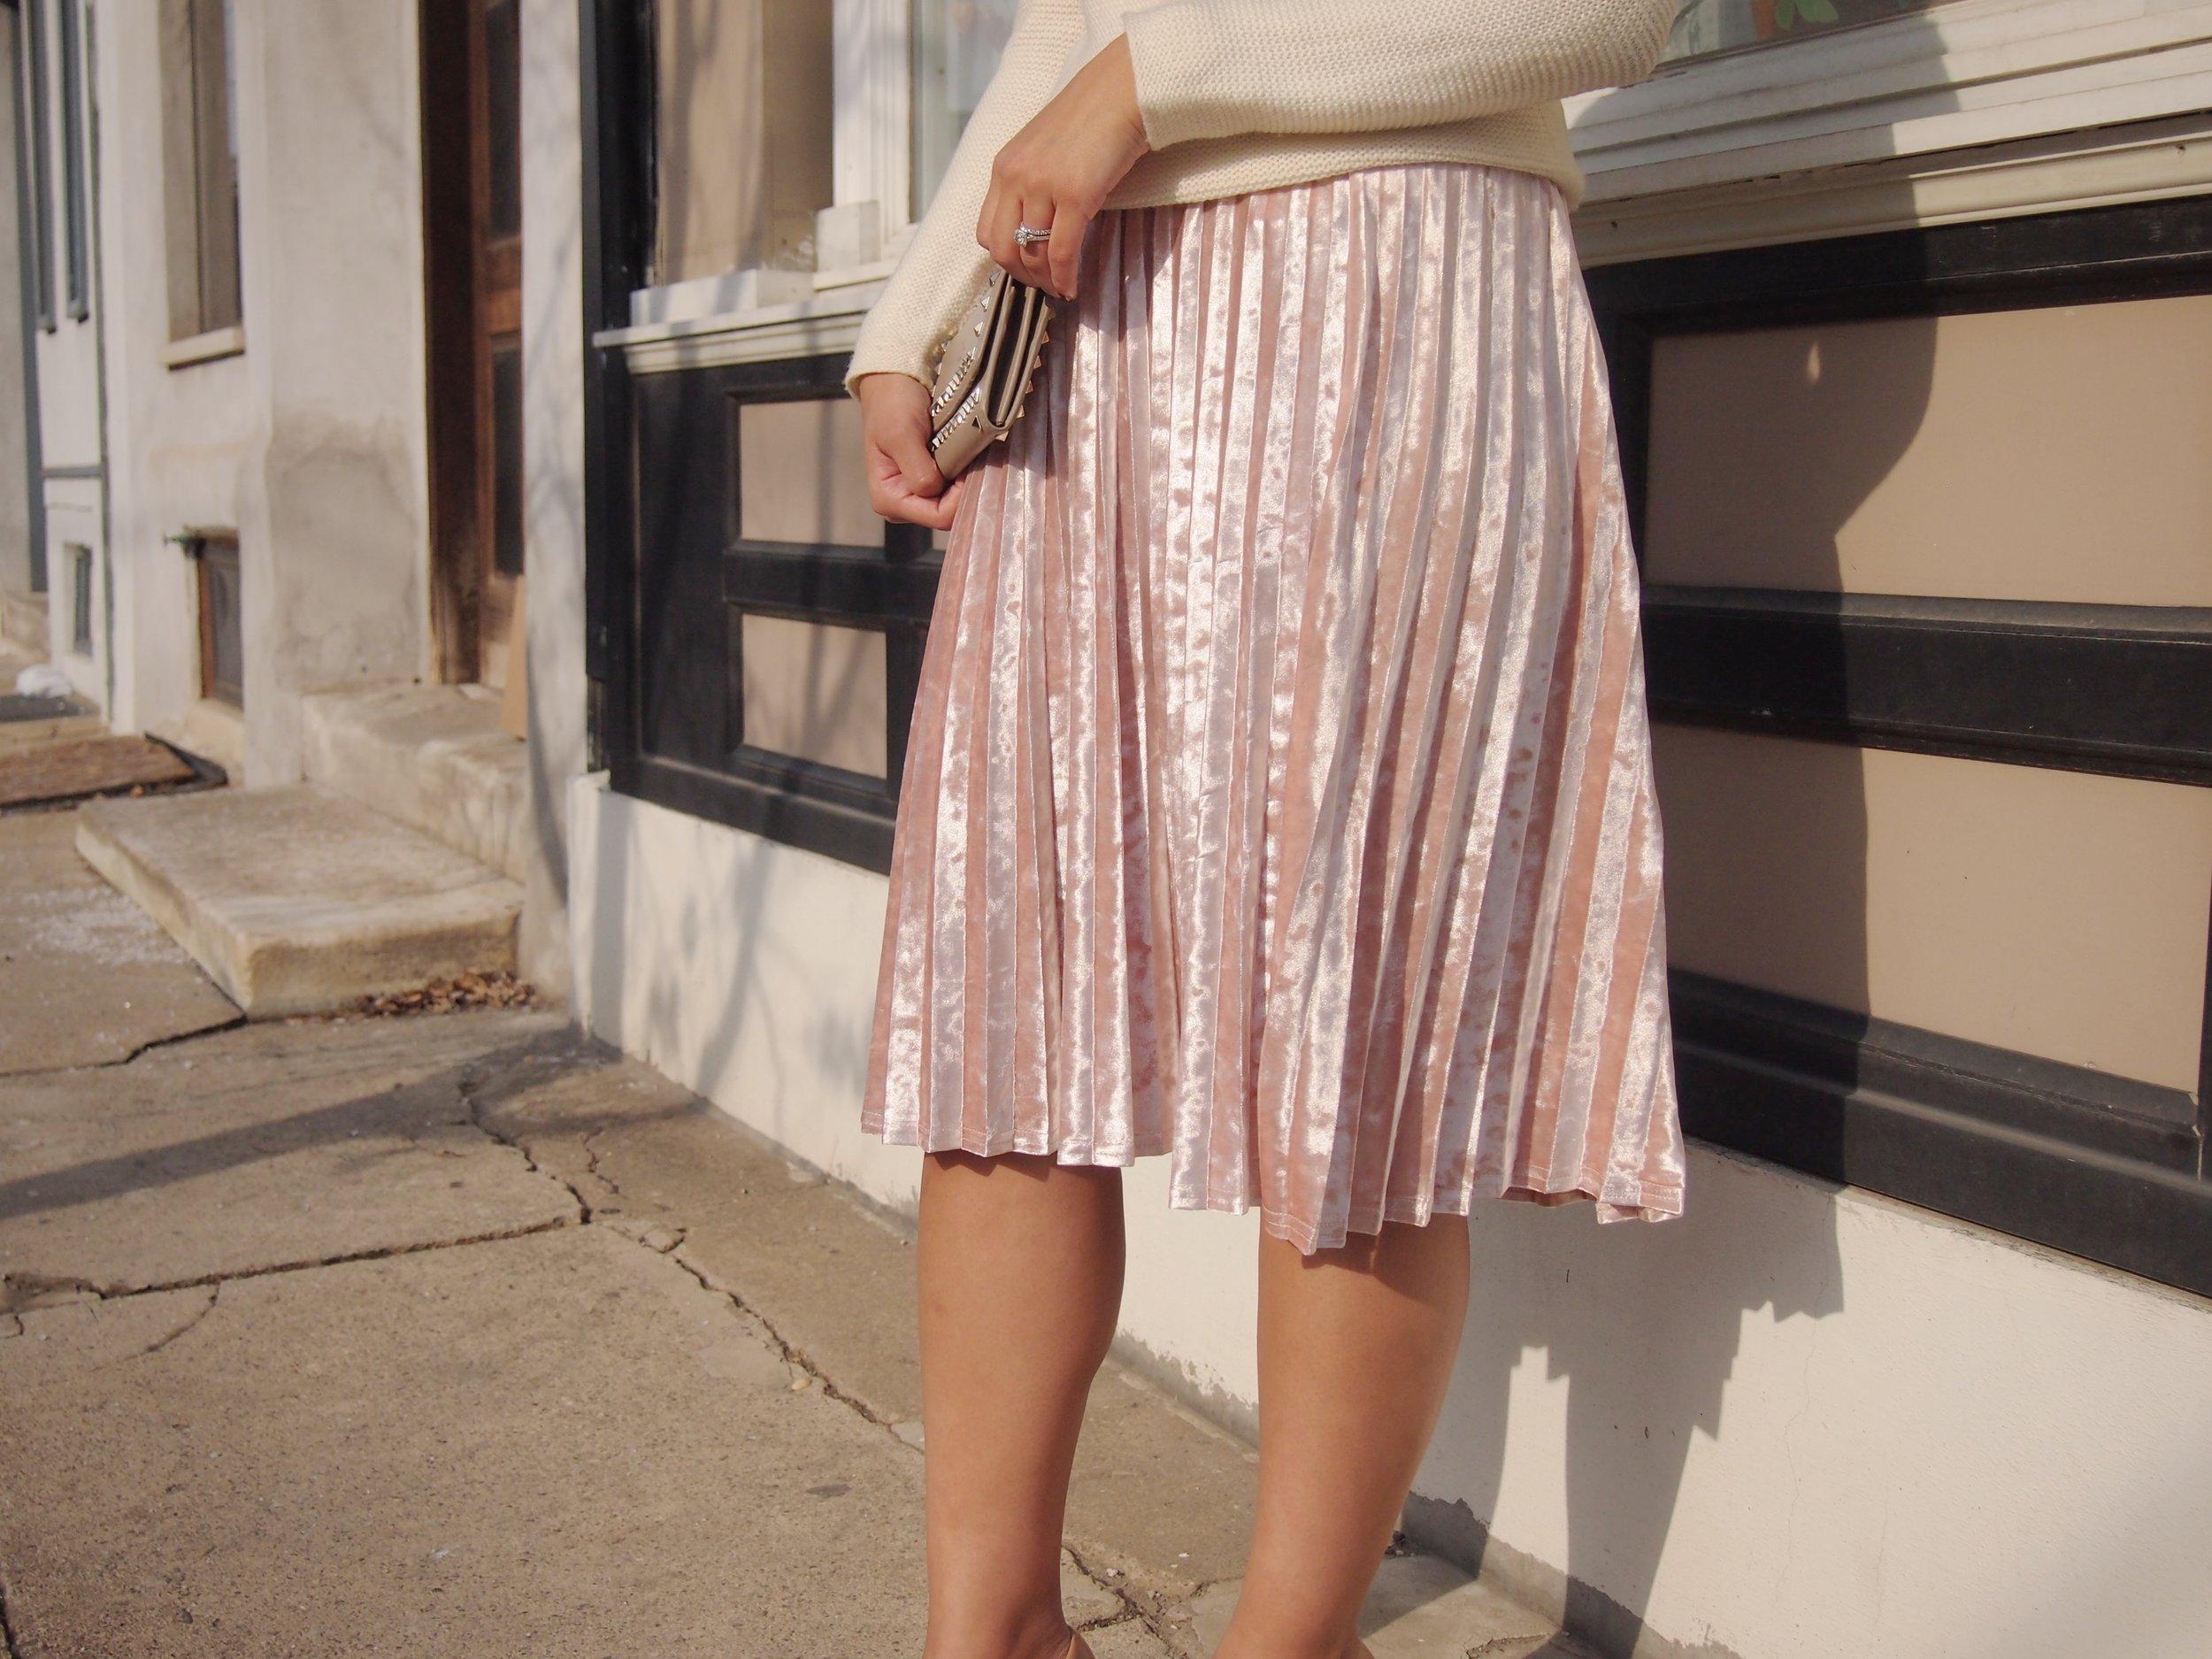 velvet-skirt-trend-winter-fashion-blogger-2018